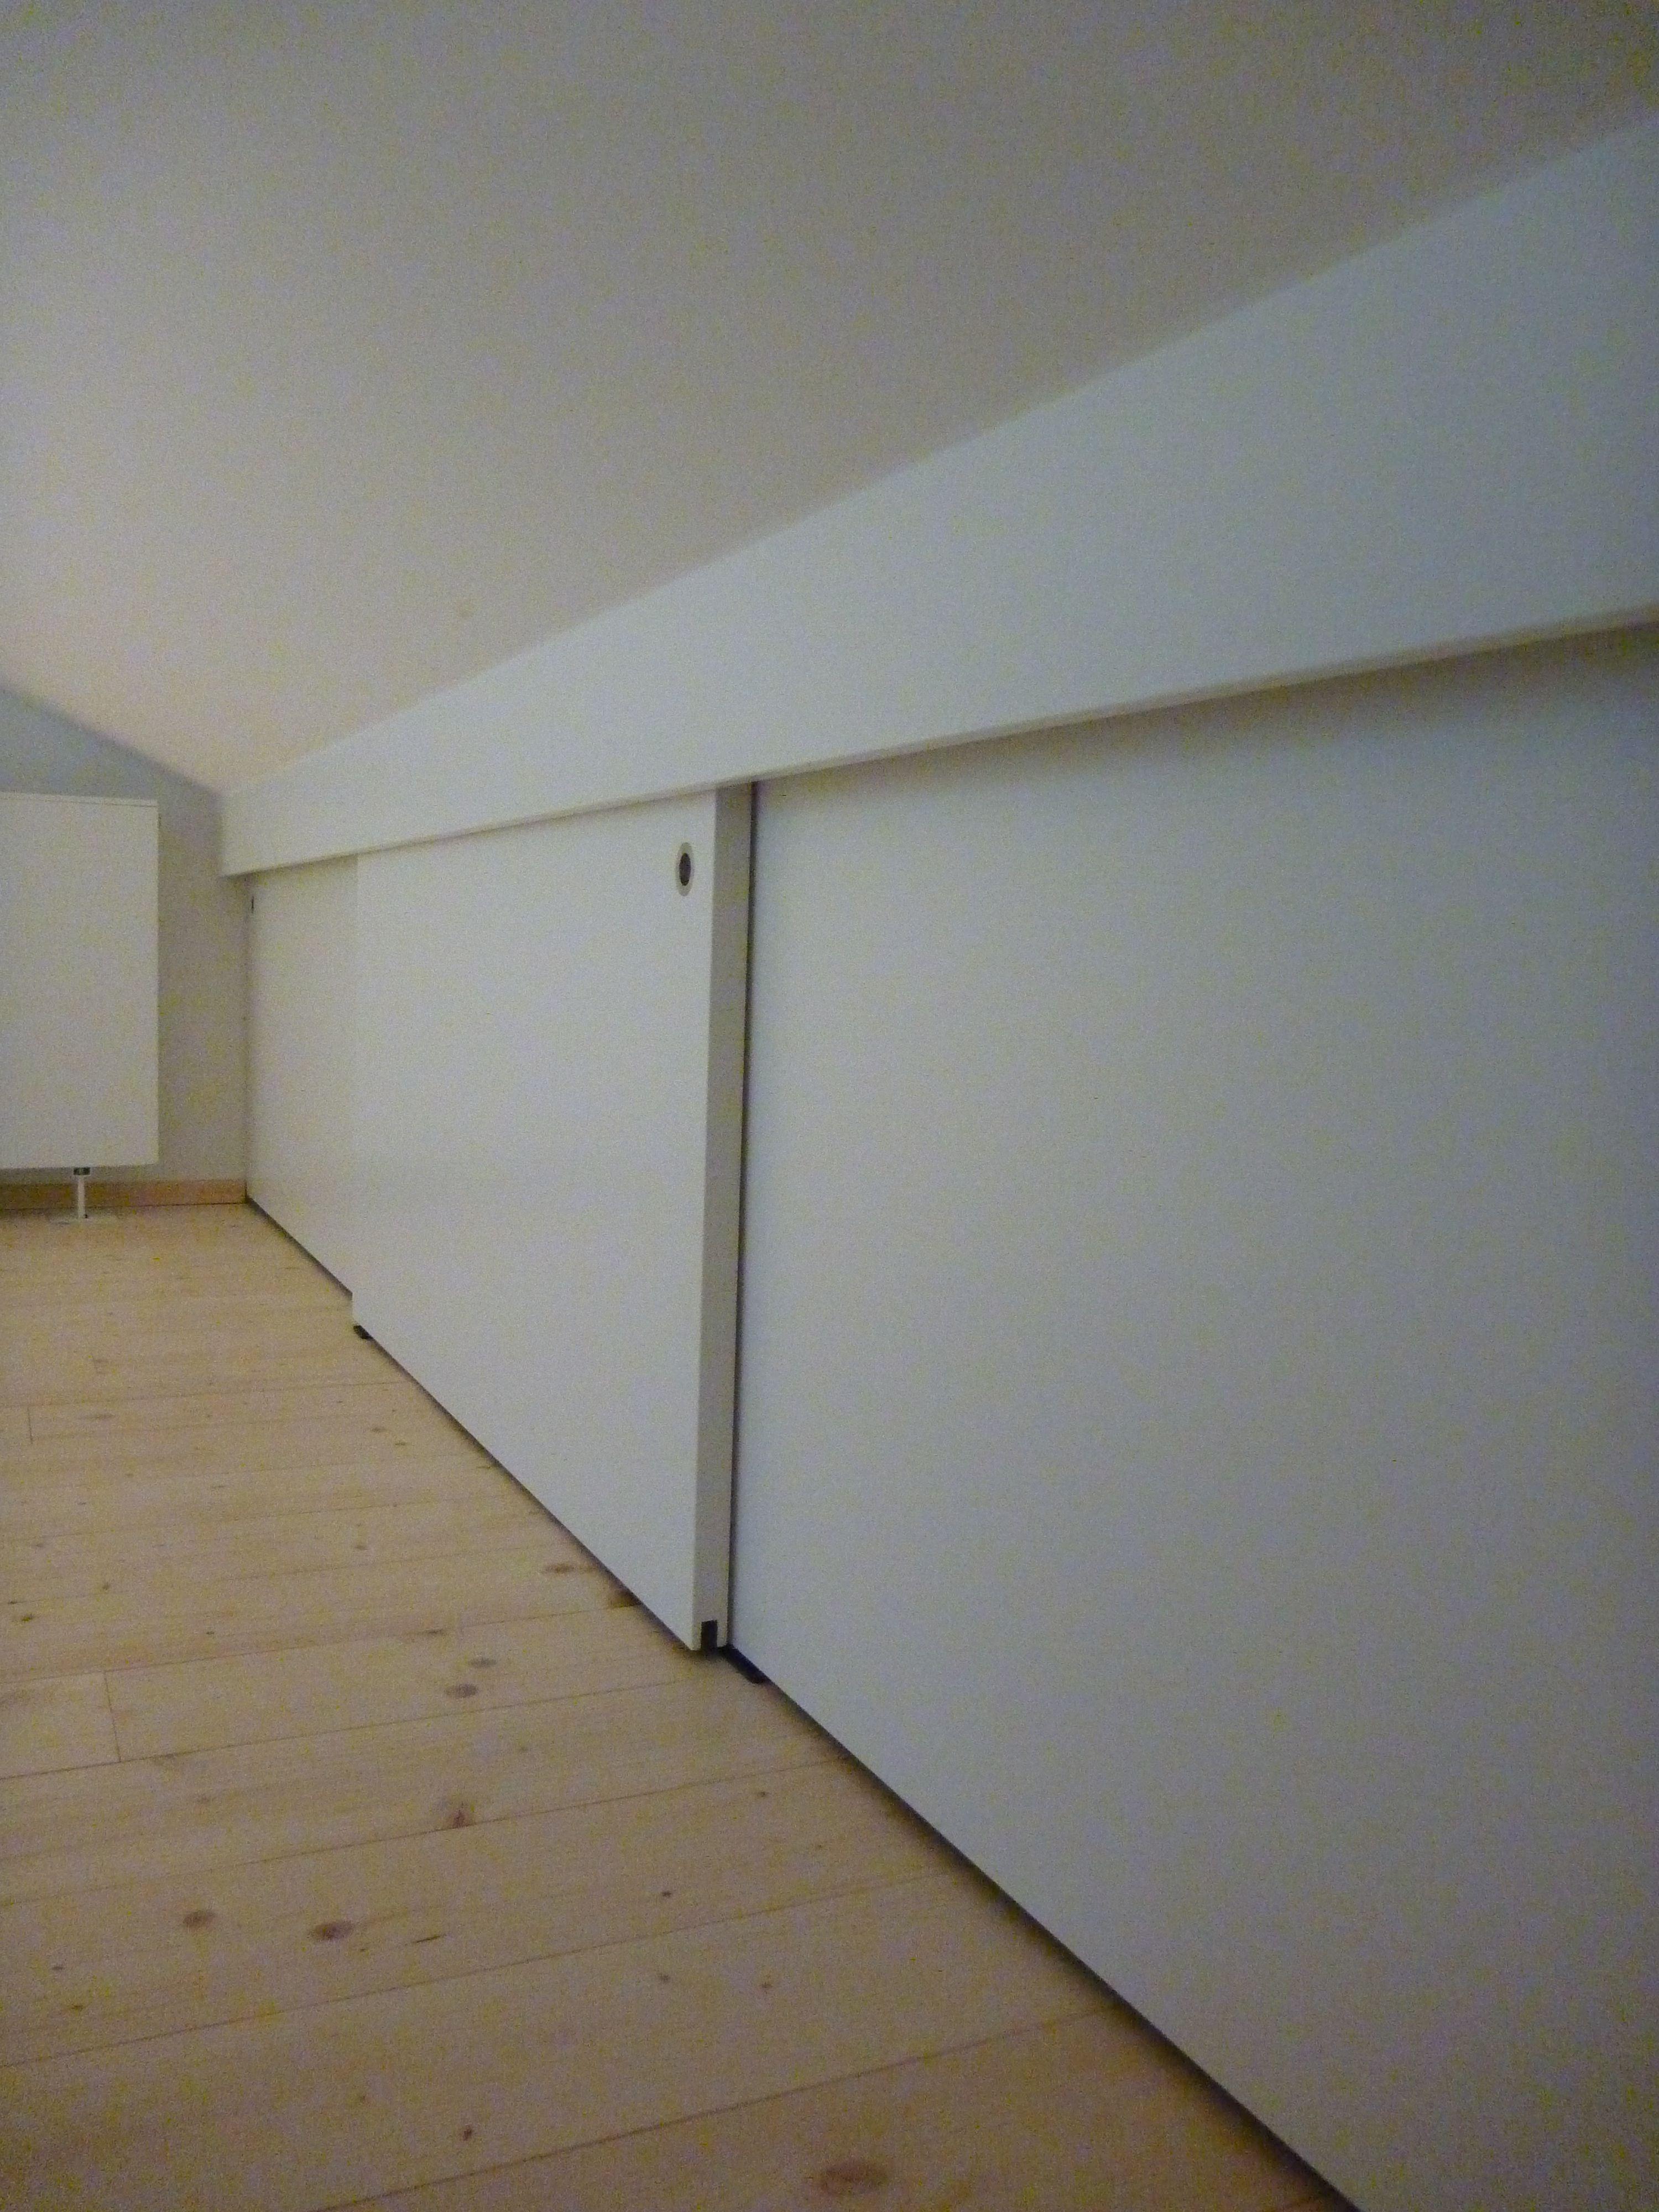 Dachschragenschrank In Weiss Lackiert Dachboden Renovierung Dachboden Loft Und Dachschragenschrank